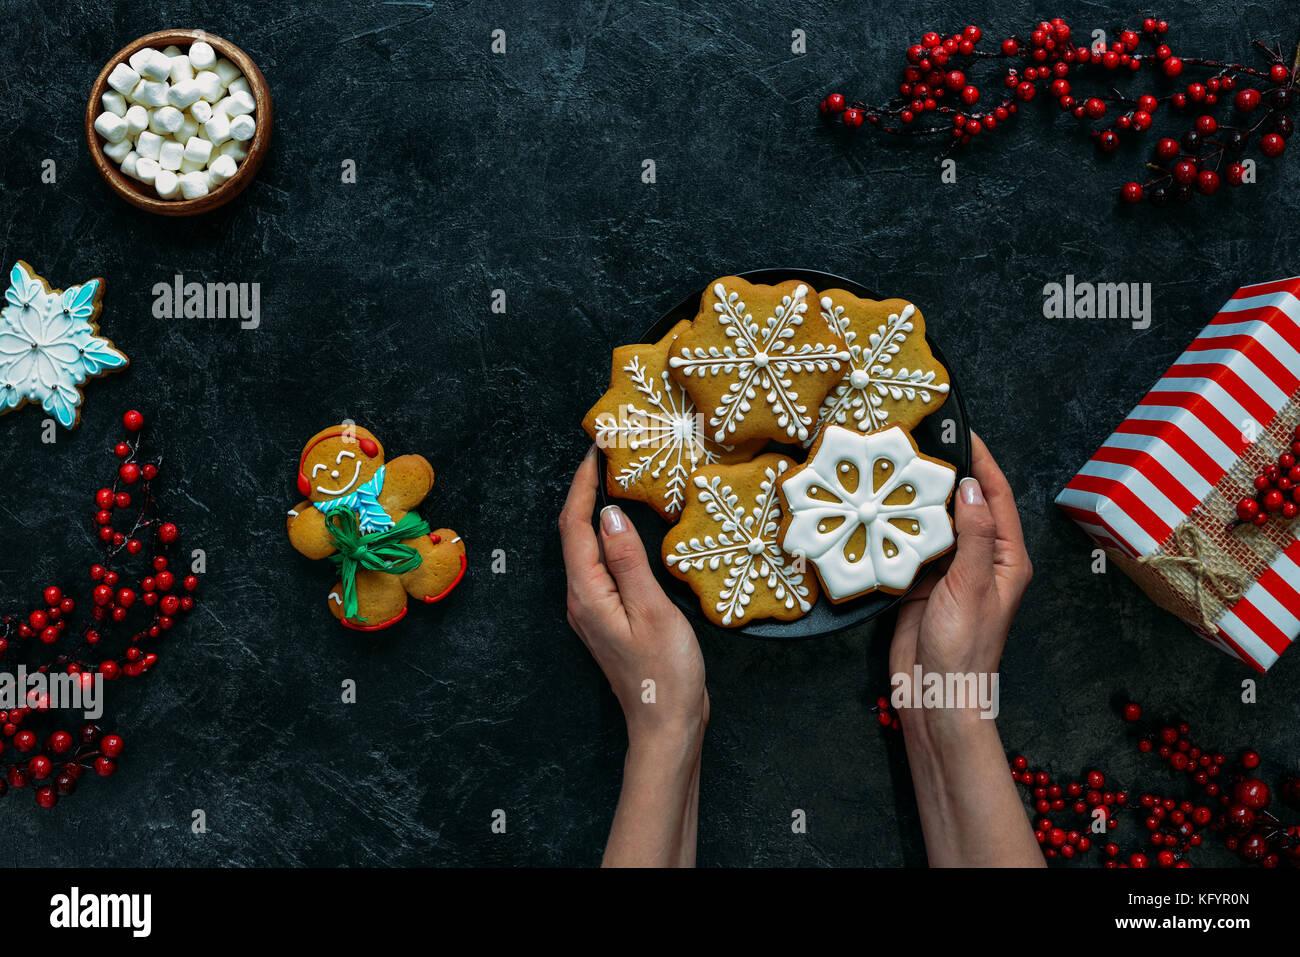 Weihnachtsplätzchen in den Händen Stockbild